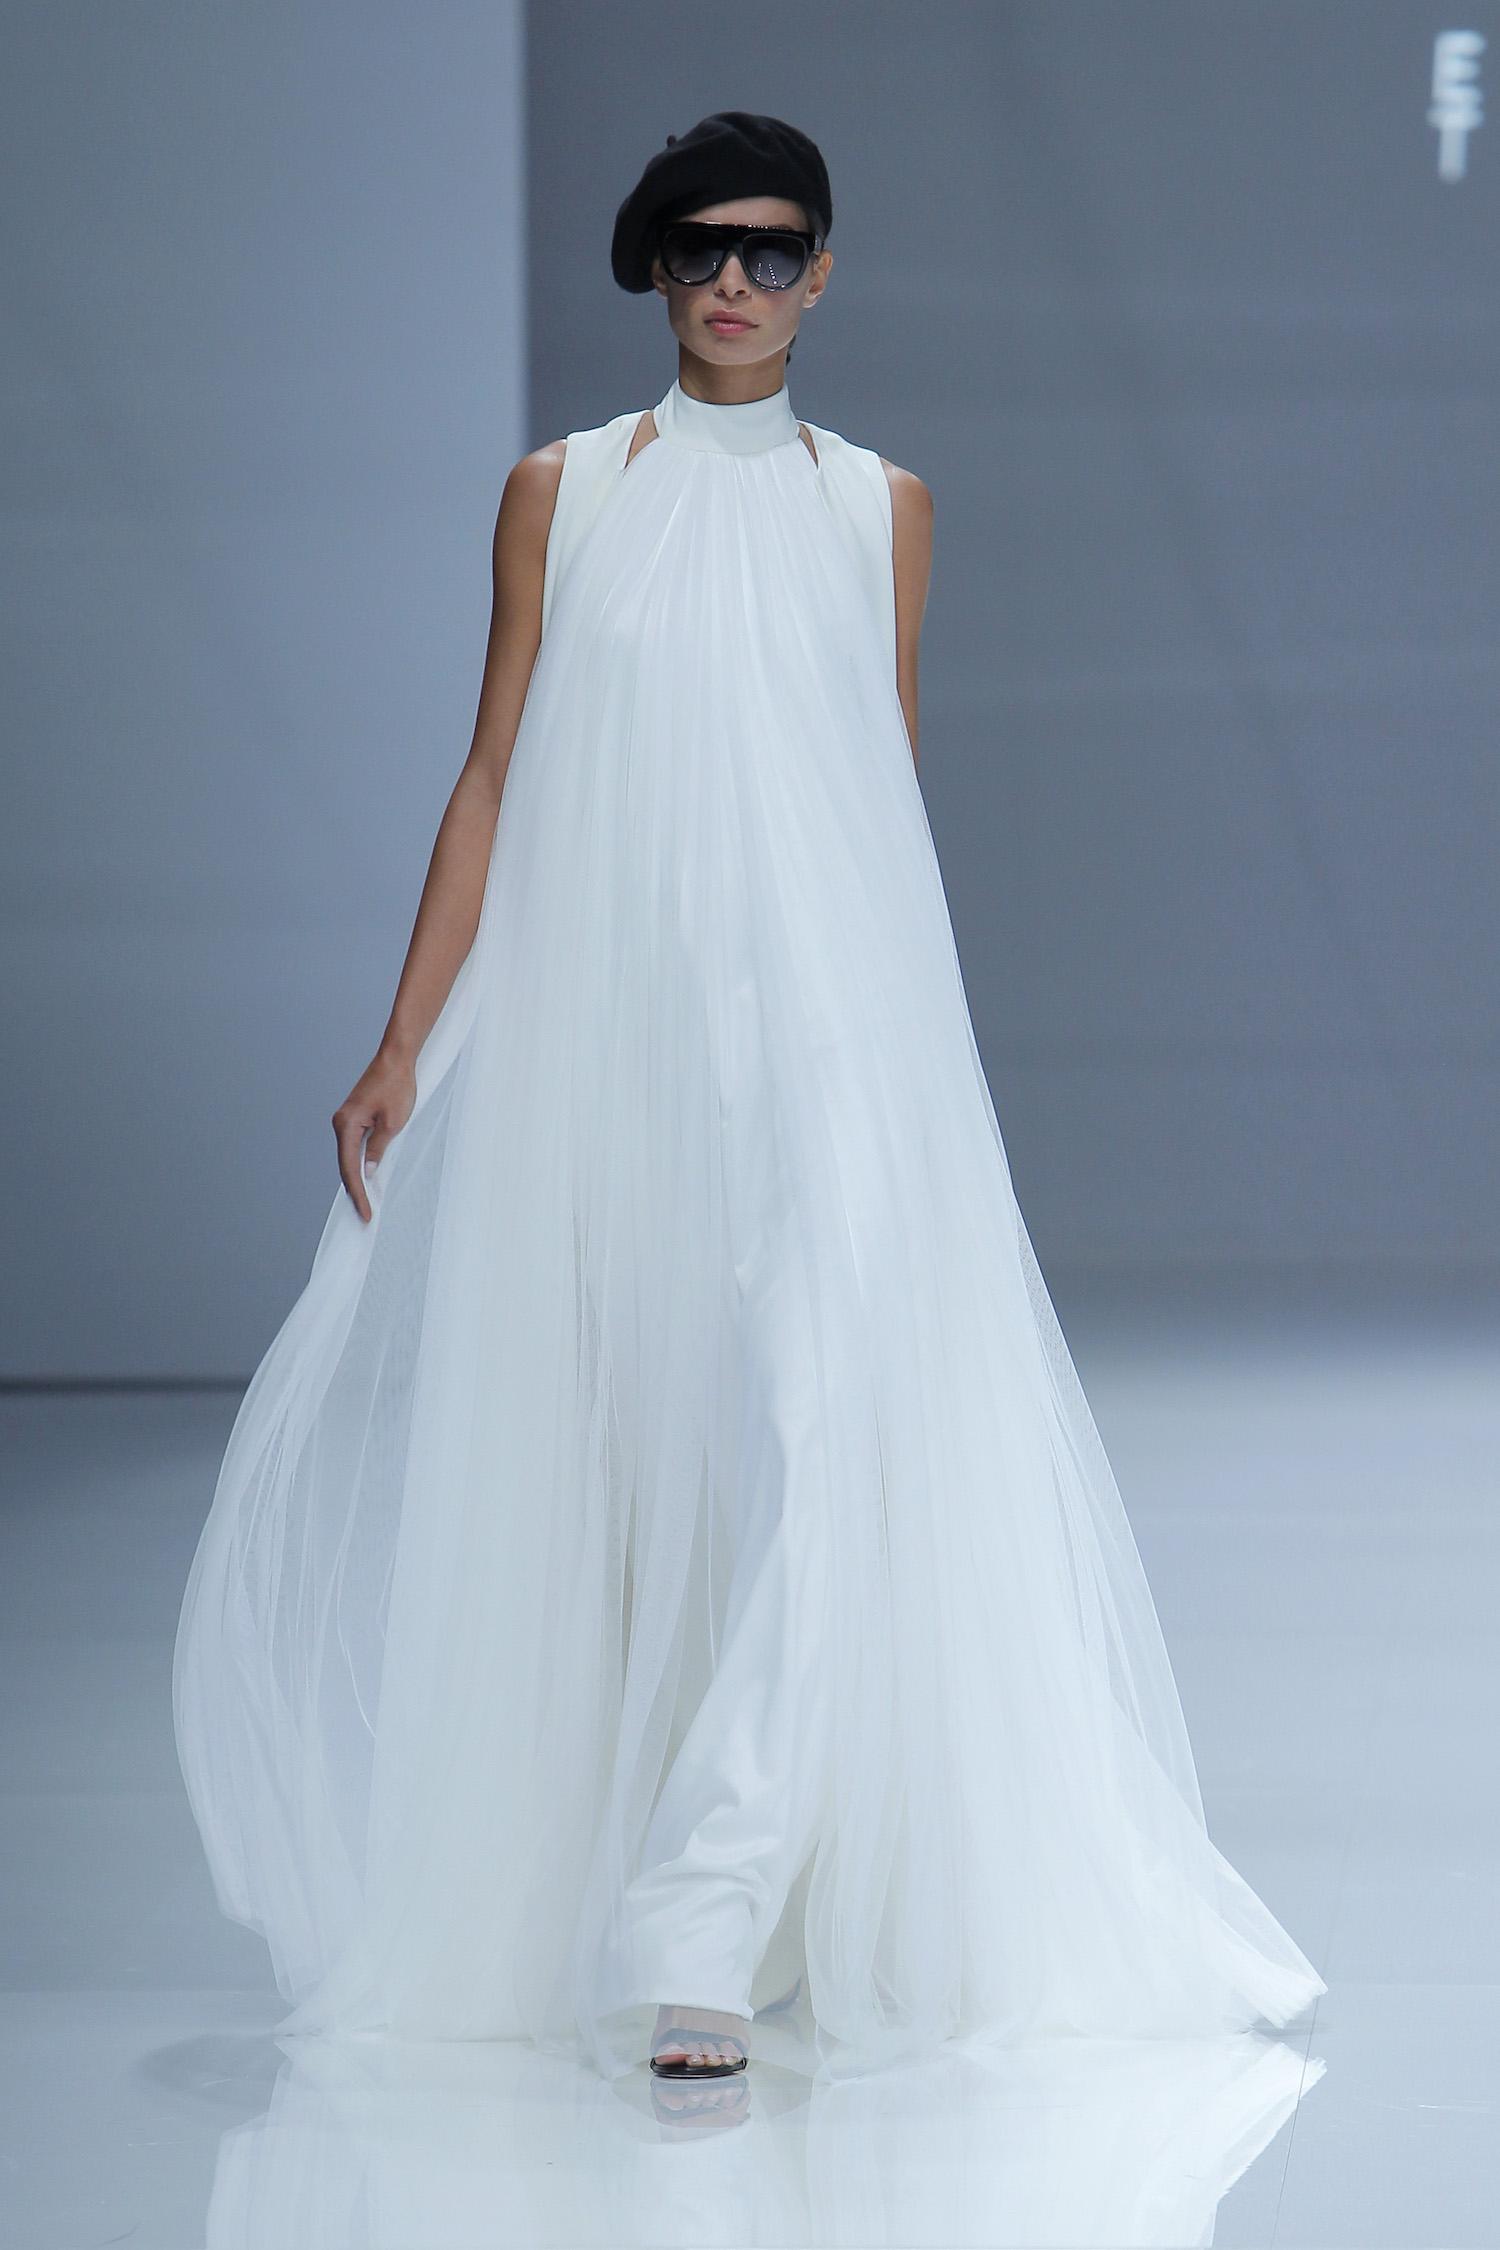 Vestidos de novia Sophie et voilá 2019